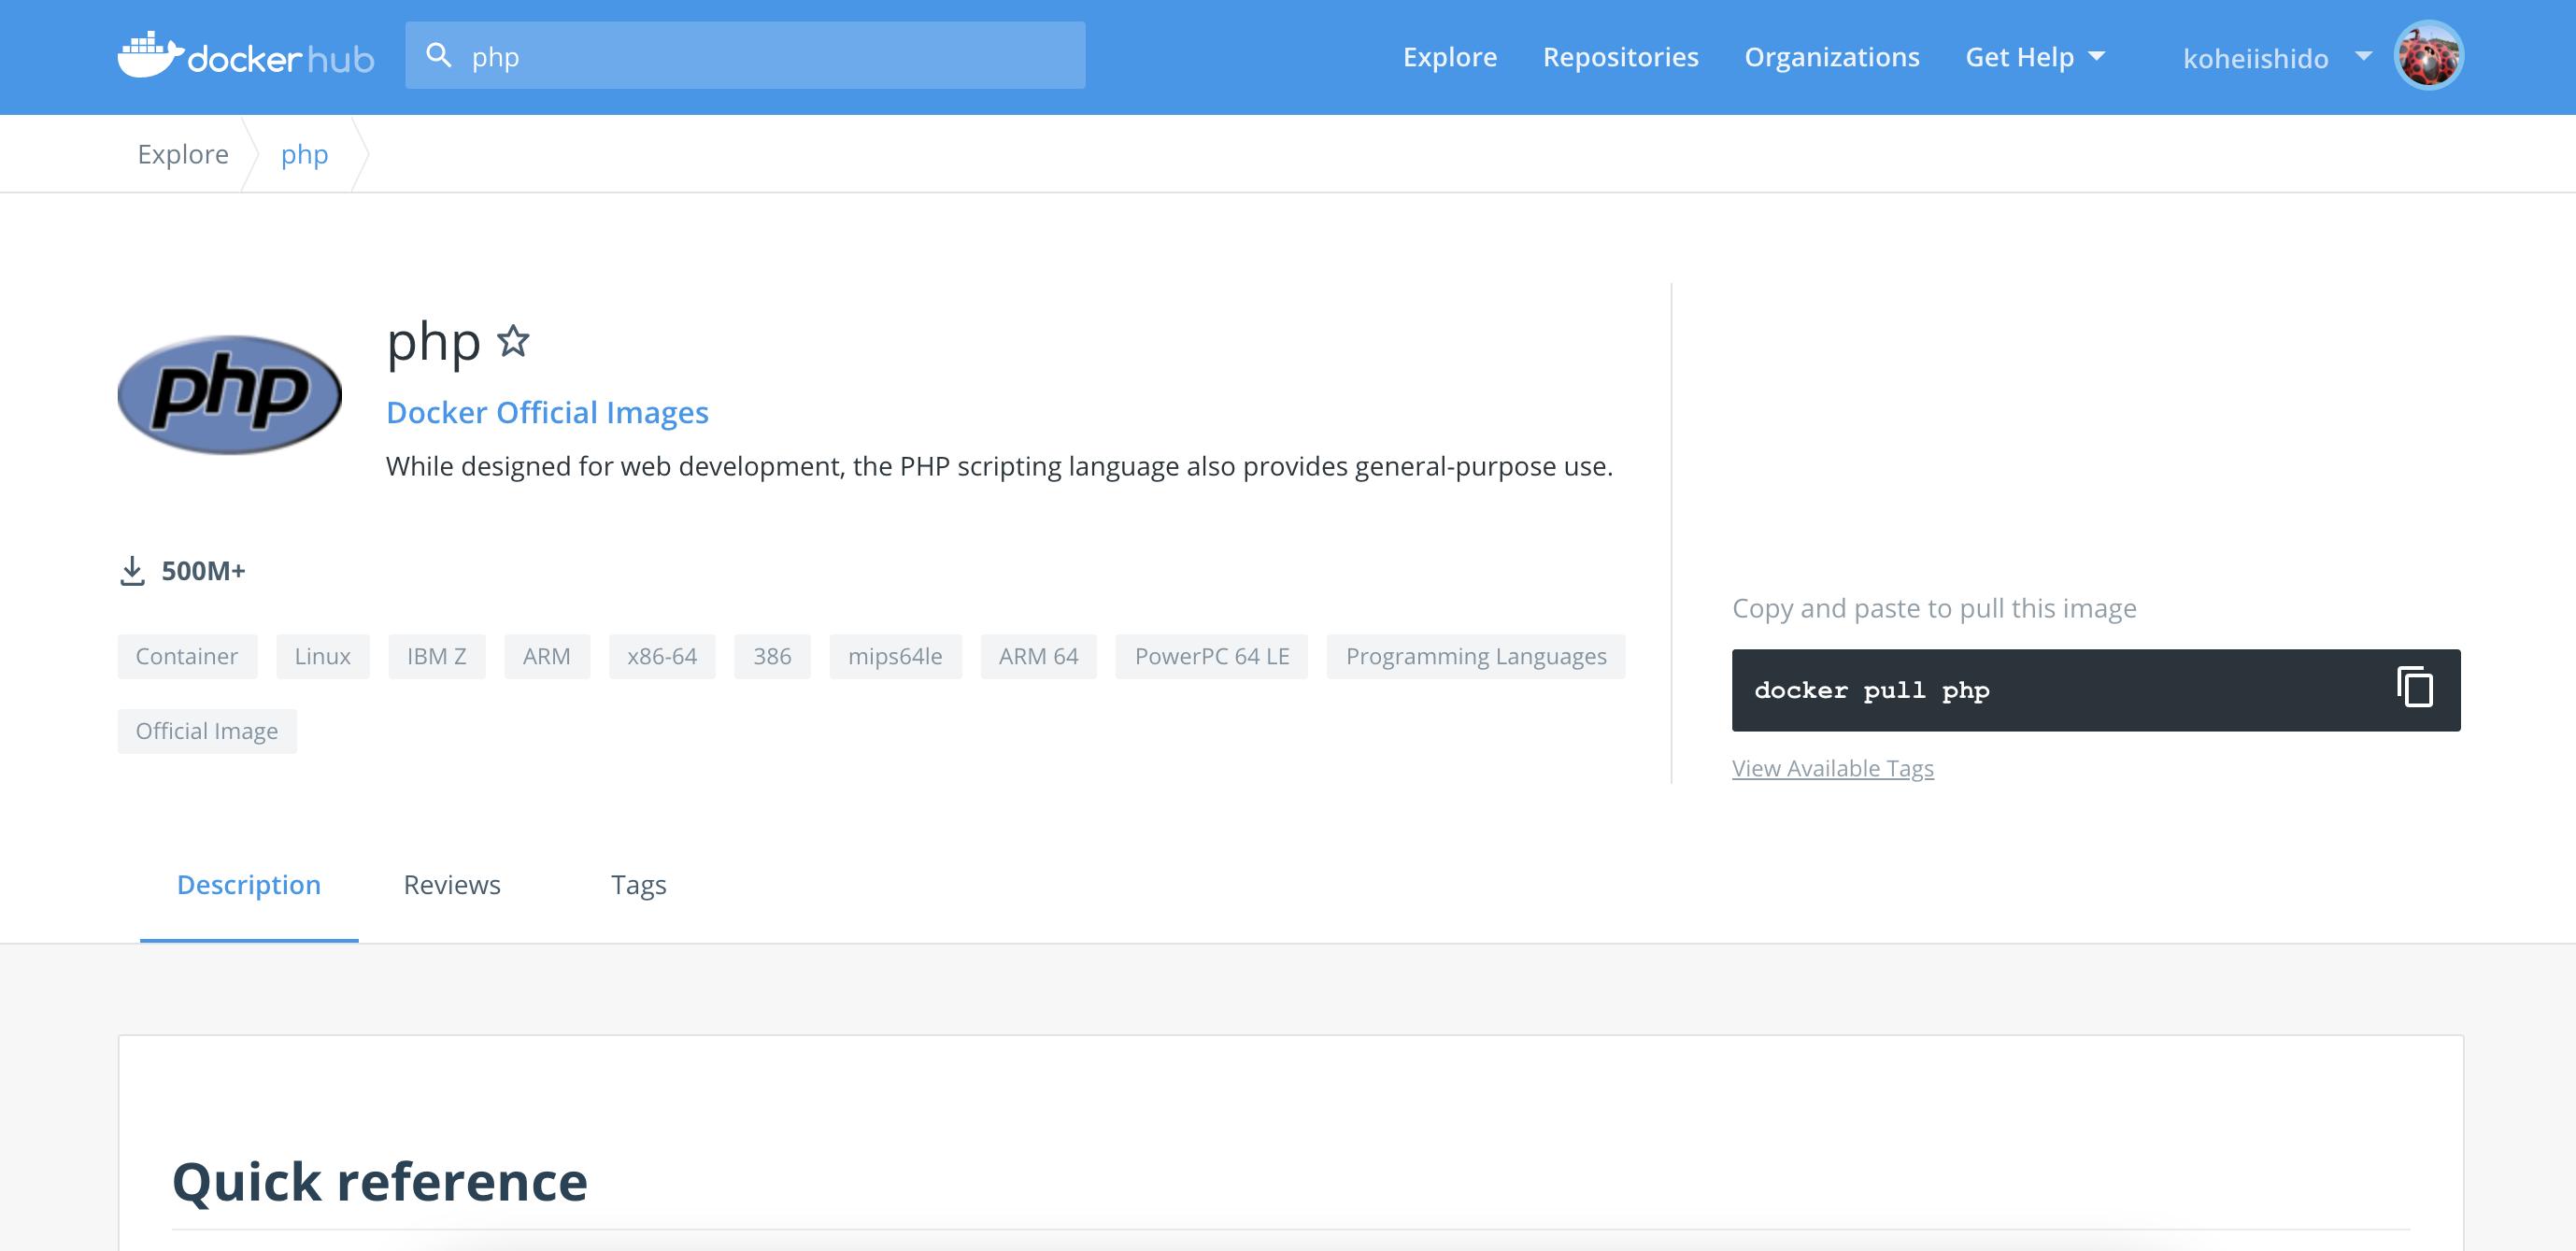 PHPの公式コンテナイメージ